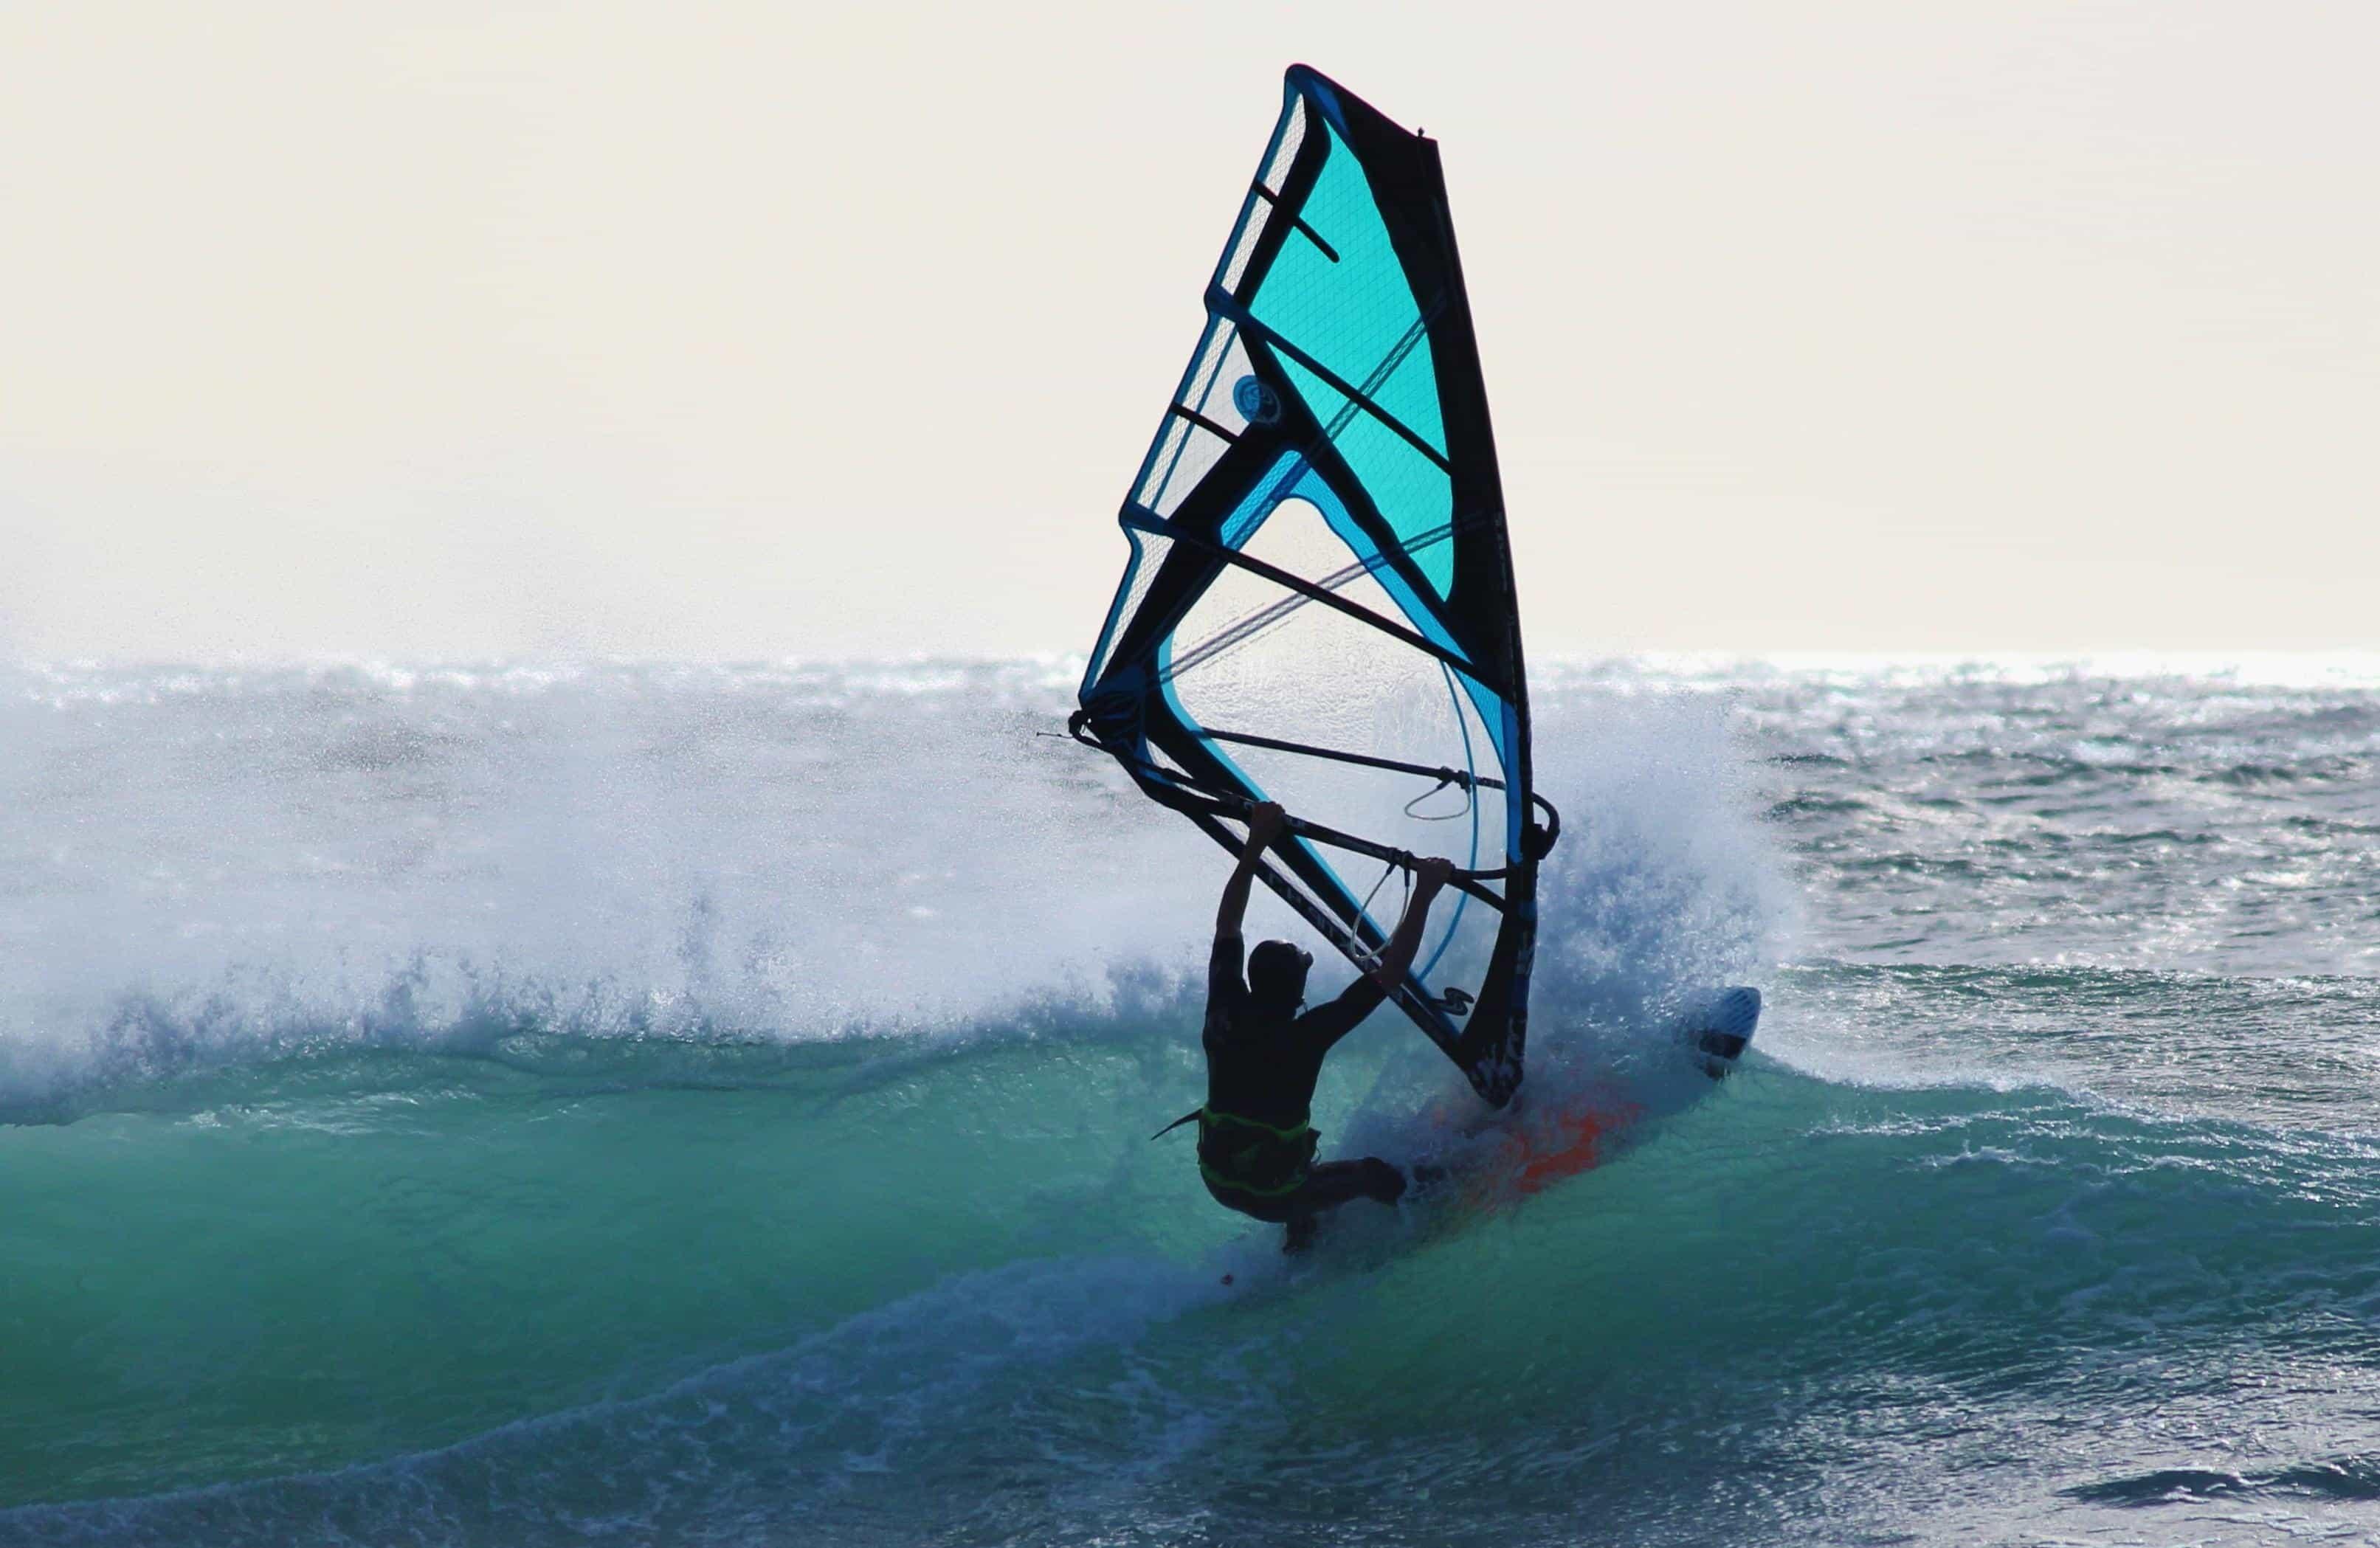 Sport, Wave, Summer, Wind, Water, Sea, Ocean, Outdoor, Wave, Sky, Man